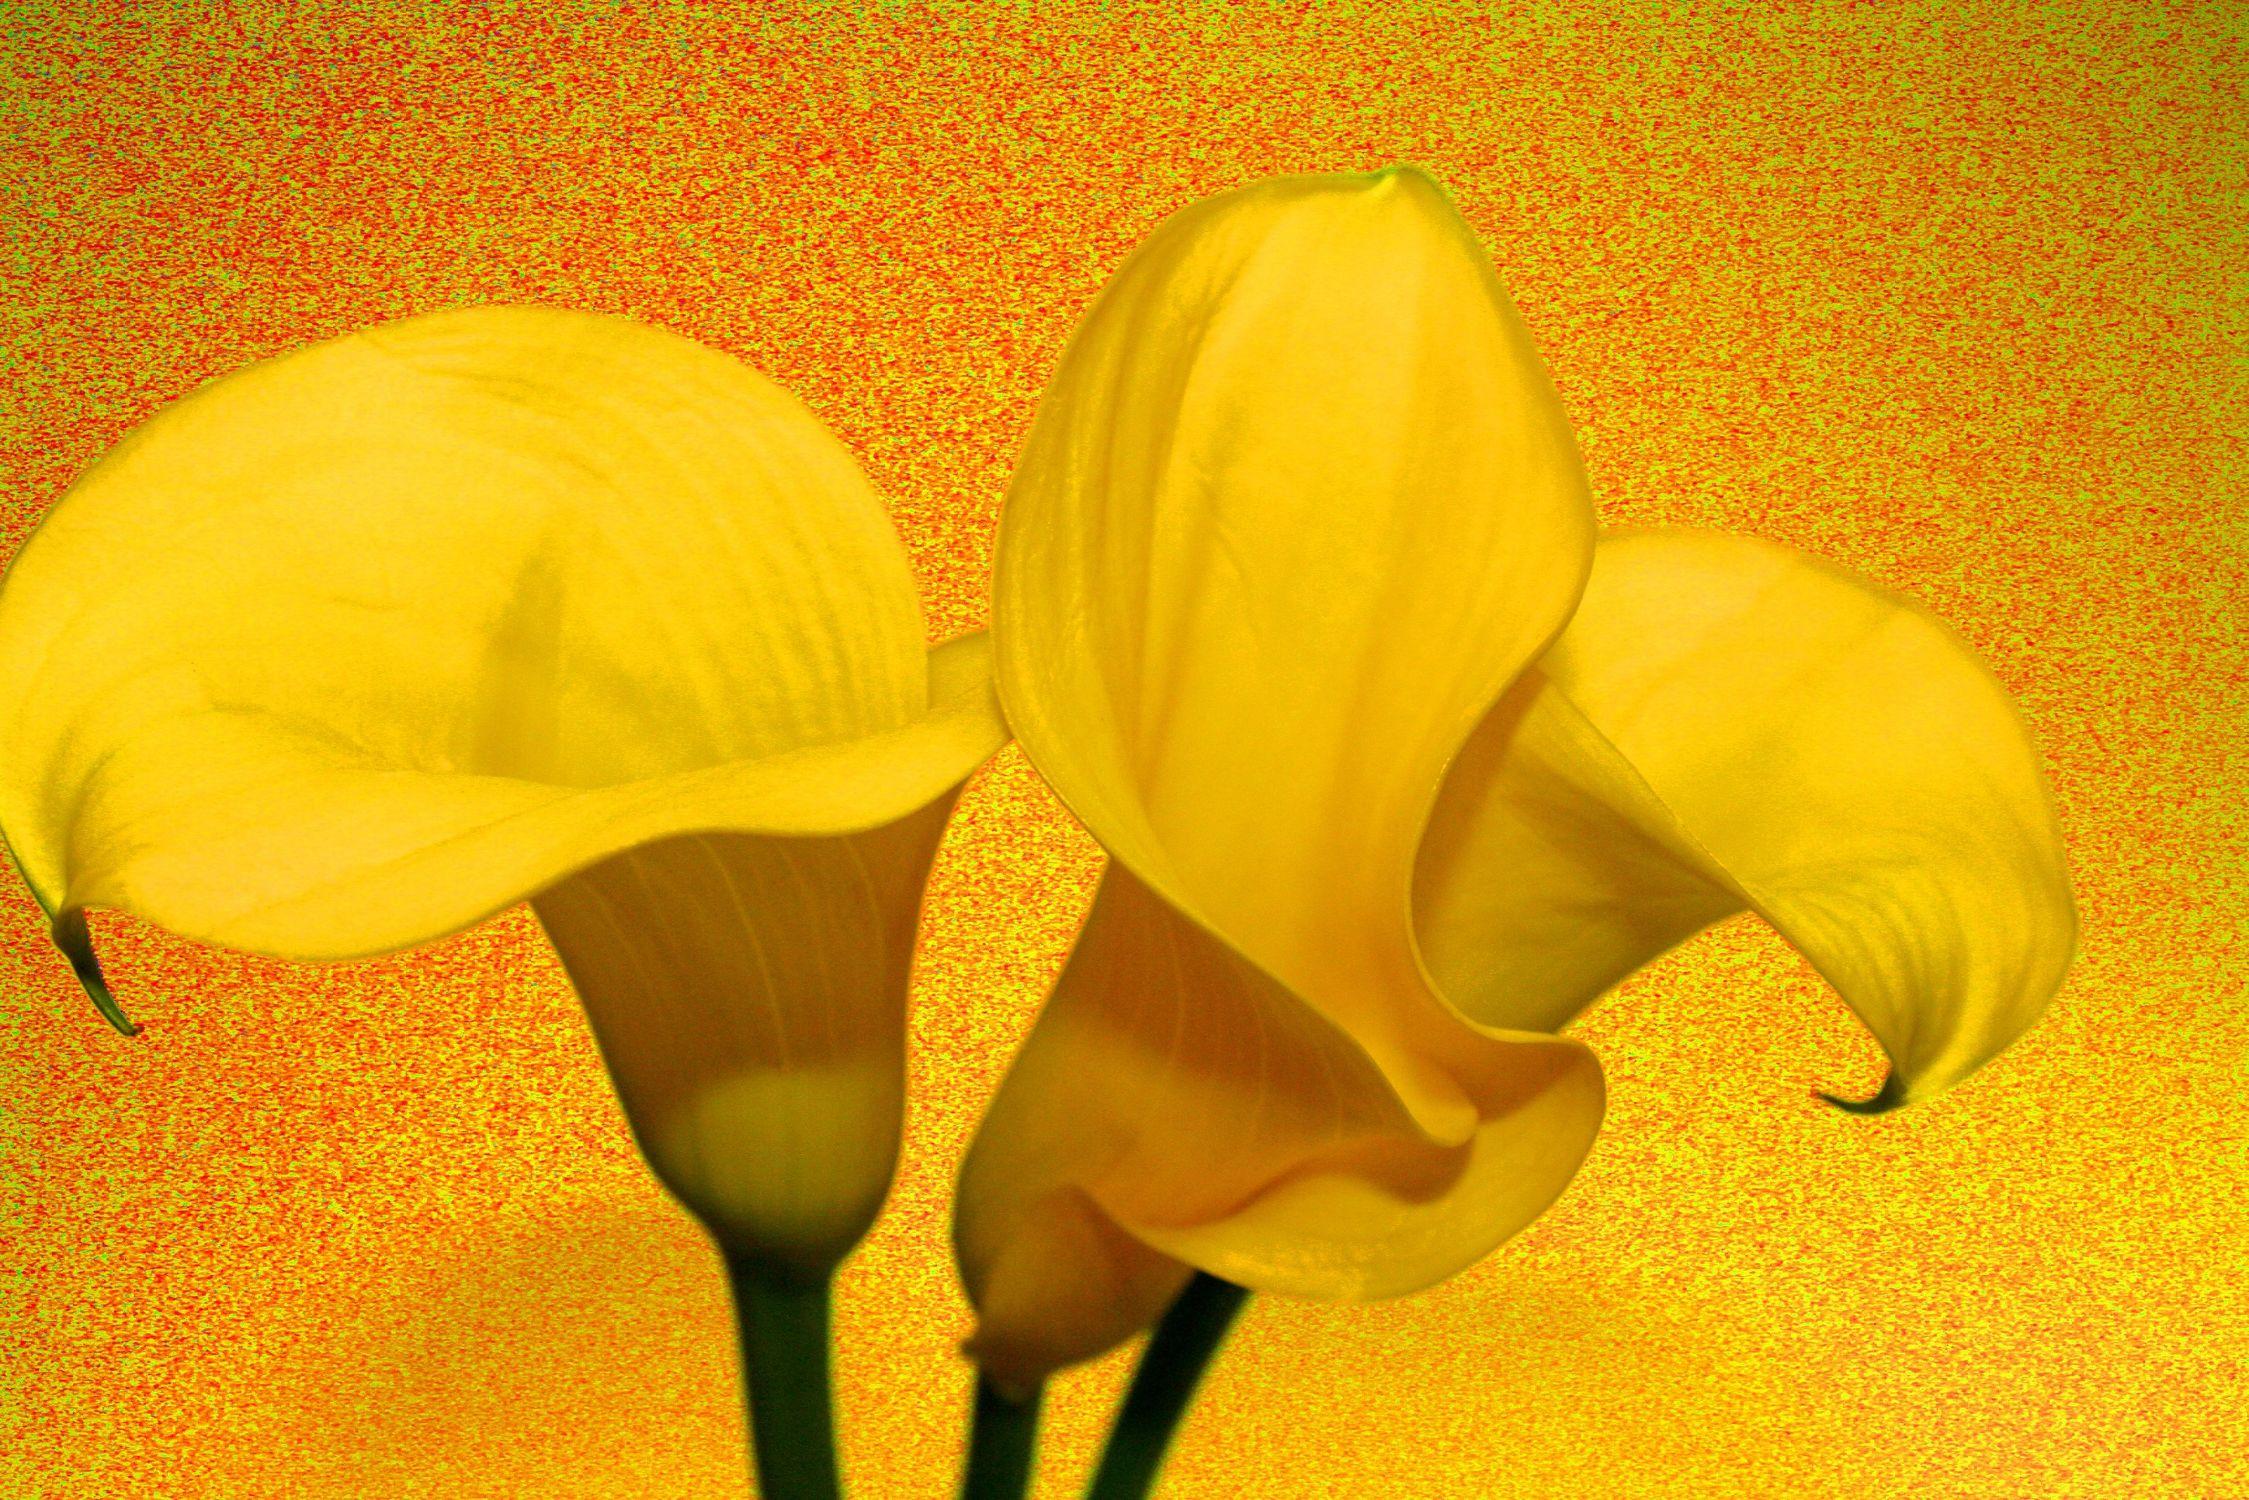 Bild mit Farben, Gelb, Natur, Grün, Pflanzen, Blumen, Blume, calla lily, Calla, Calla, Calla, Zantedeschien, Callas, Callas, Kalla, kalós, καλός, Zantedeschia, Calla lillies, gelbe Calla, Pflanze, gelber Hintergrund, Lilien